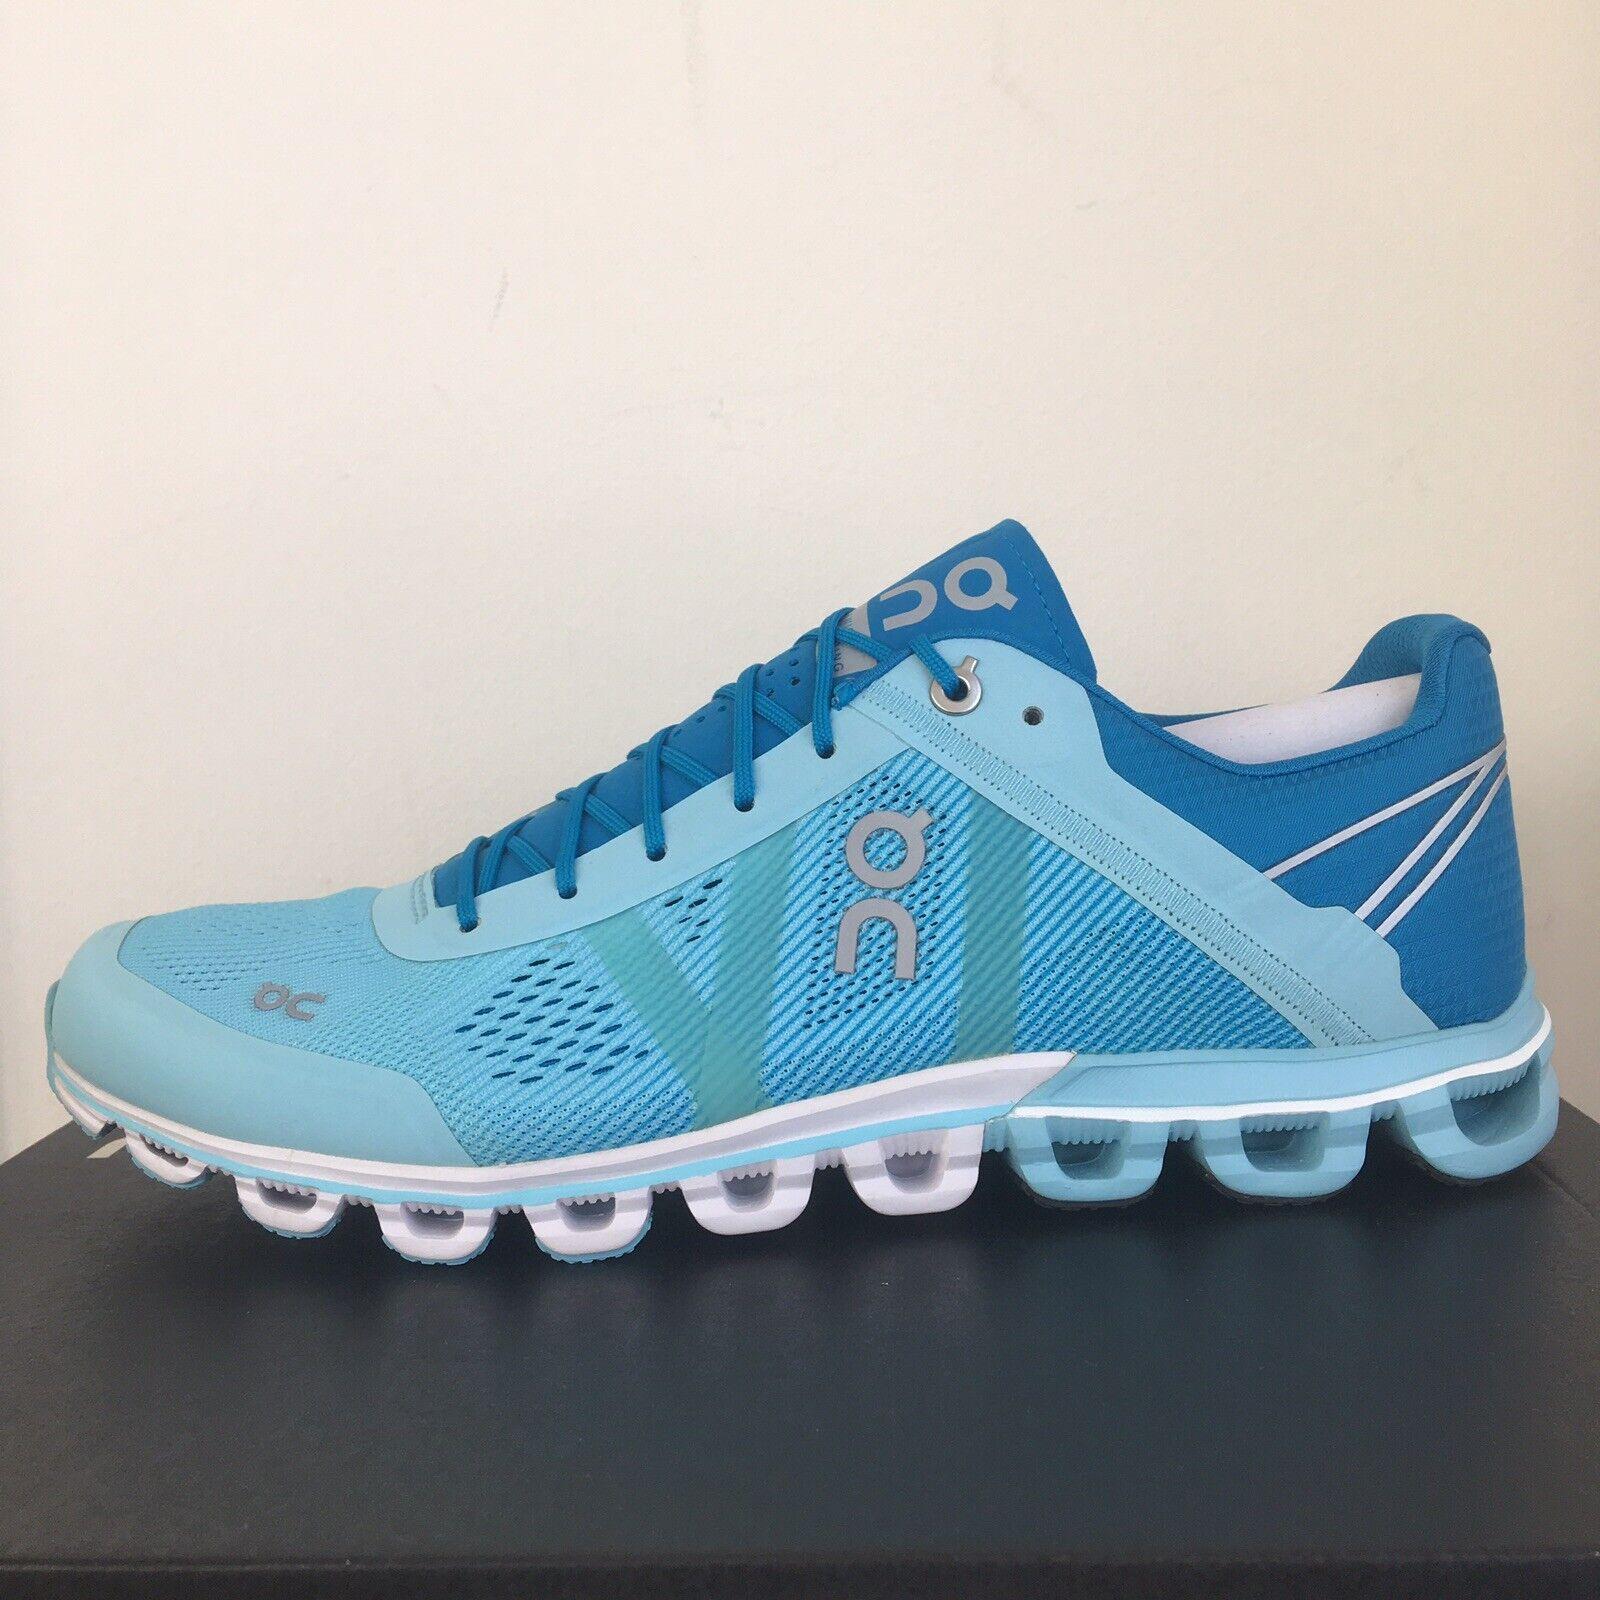 precios bajos Cloudflow 10.5 en carretera tenis De Correr Azul Azul Azul neblina para mujer Athletic Neutral NUEVO  últimos estilos